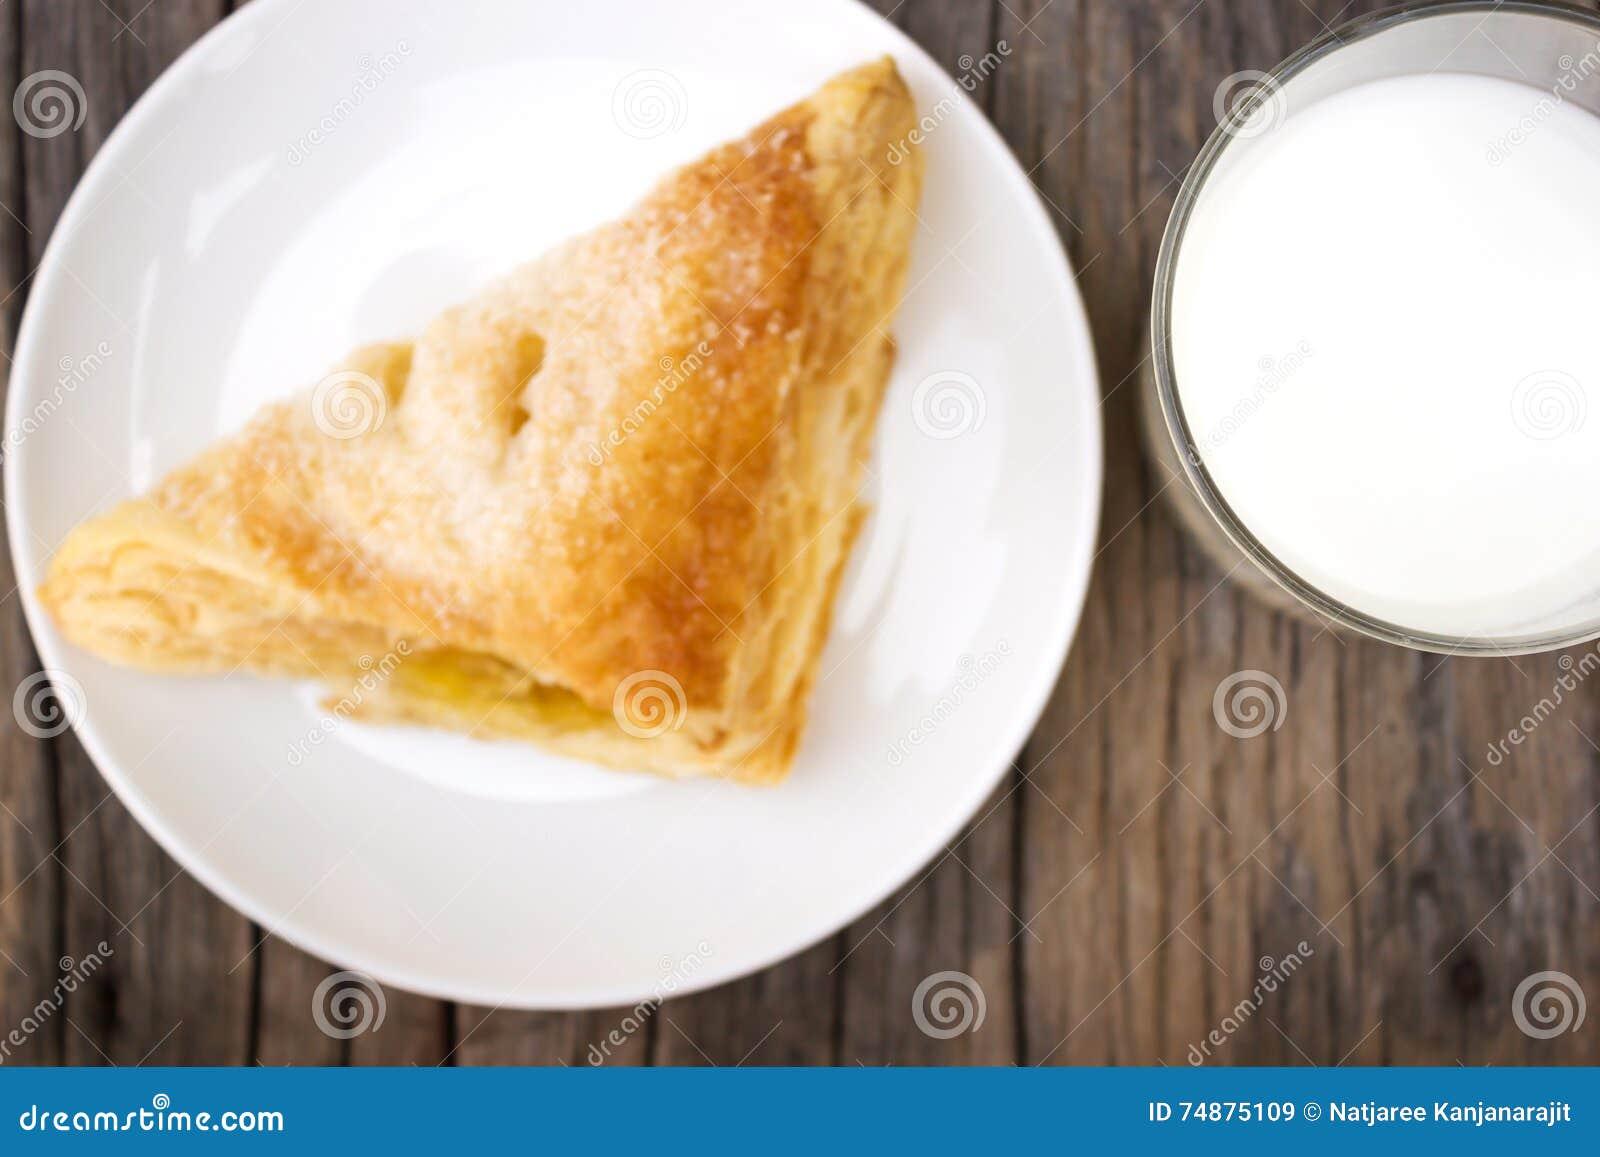 Glas Milch mit knusperiger Torte